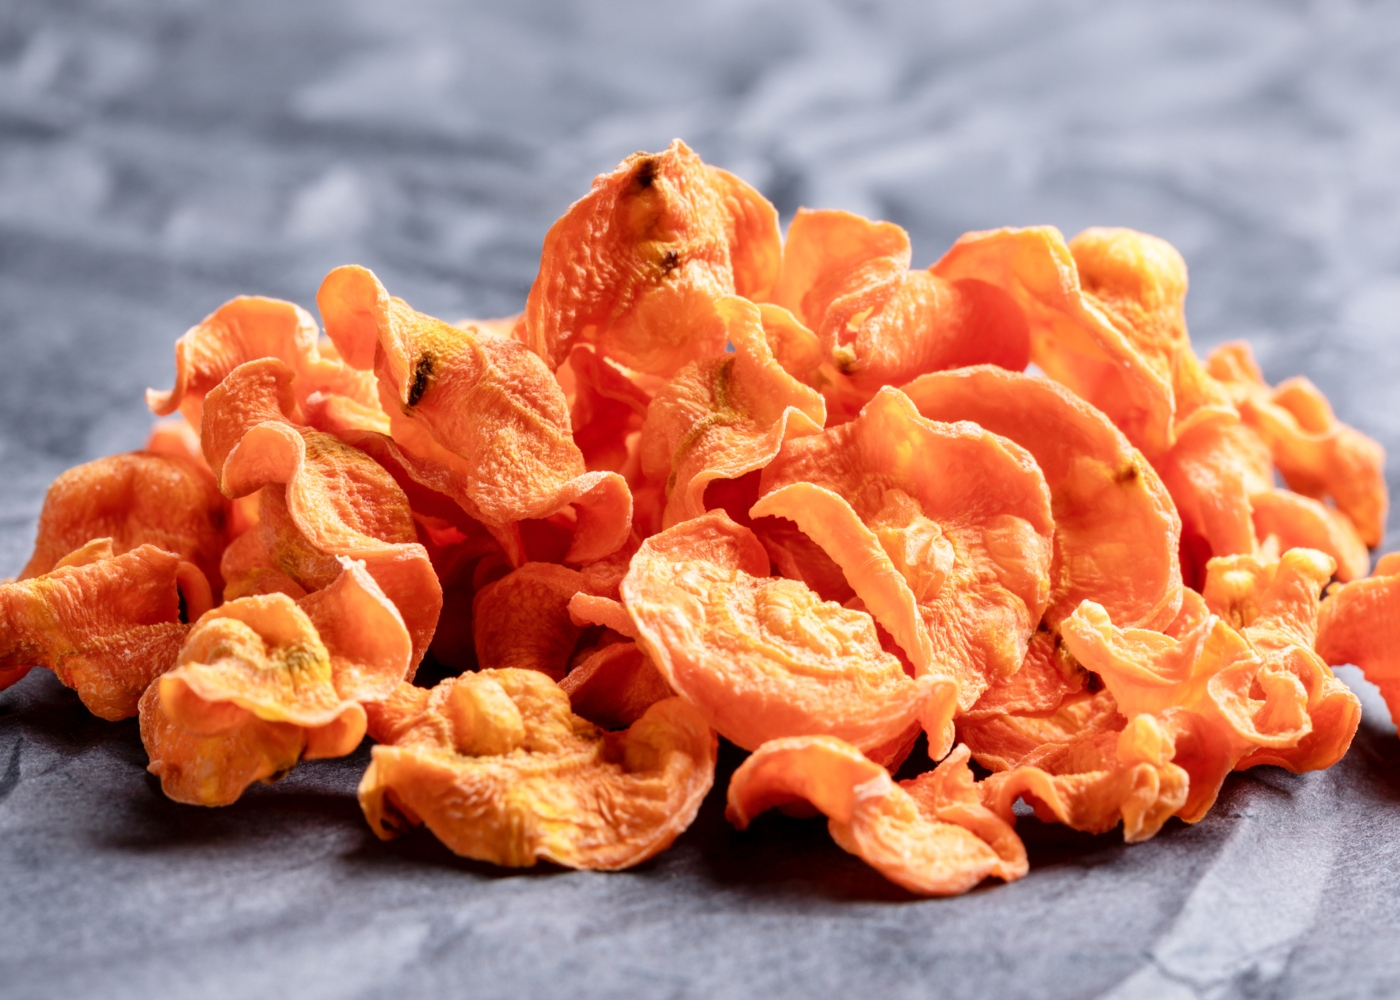 Receitas de snacks à base de hortícolas: chips de cenoura